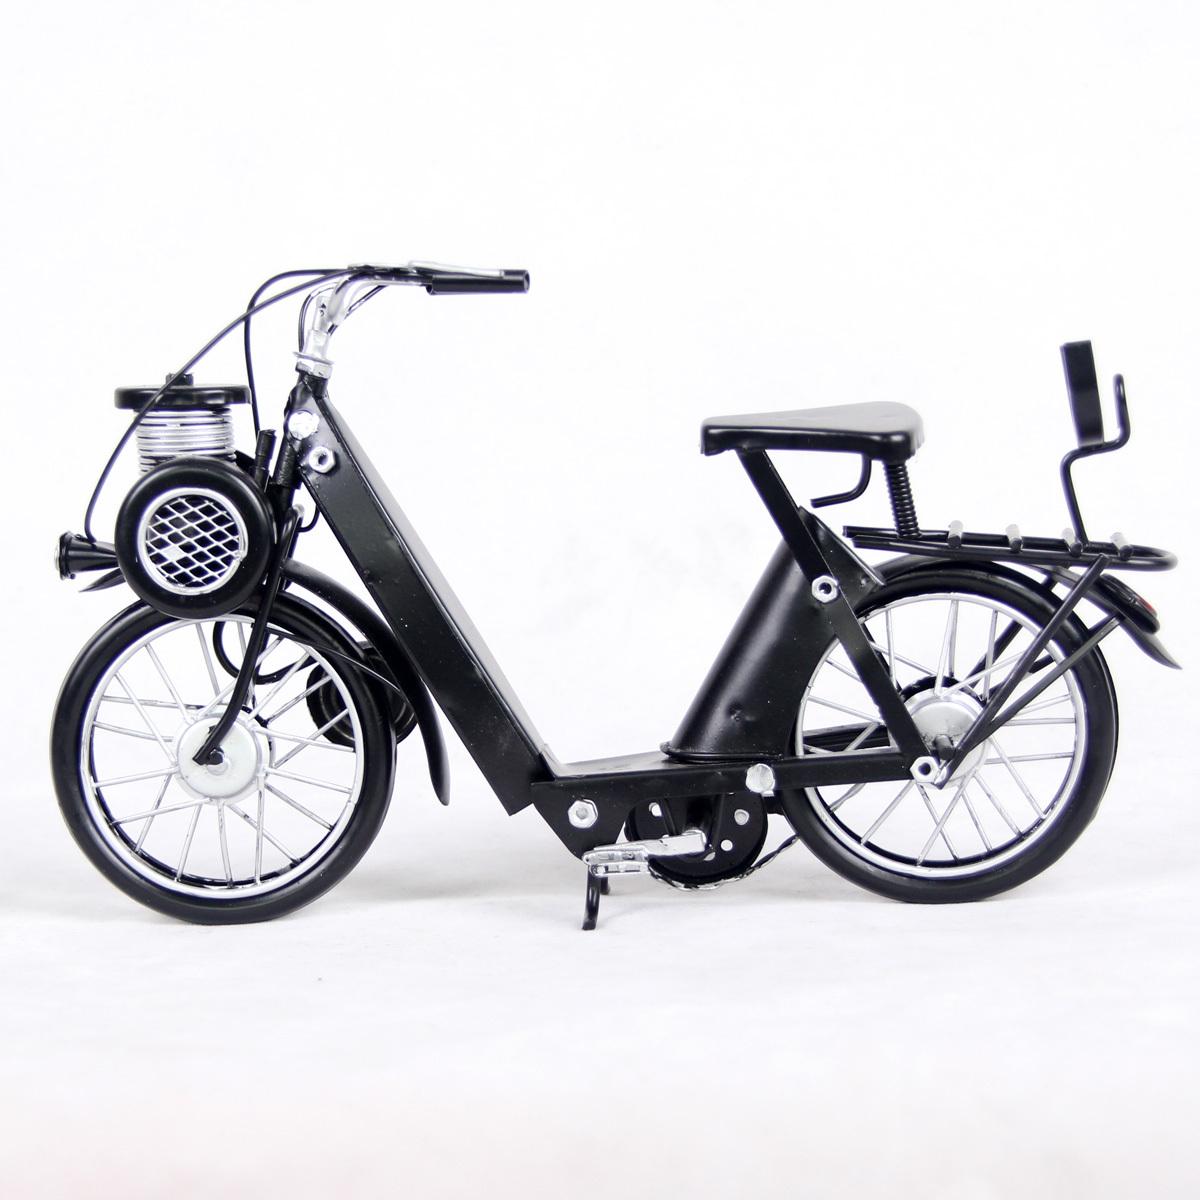 De Bicicleta Em Artesanato Em Metal De Casa & Jardim No AliExpress.com~ Artesanato Em Ferro Para Jardim